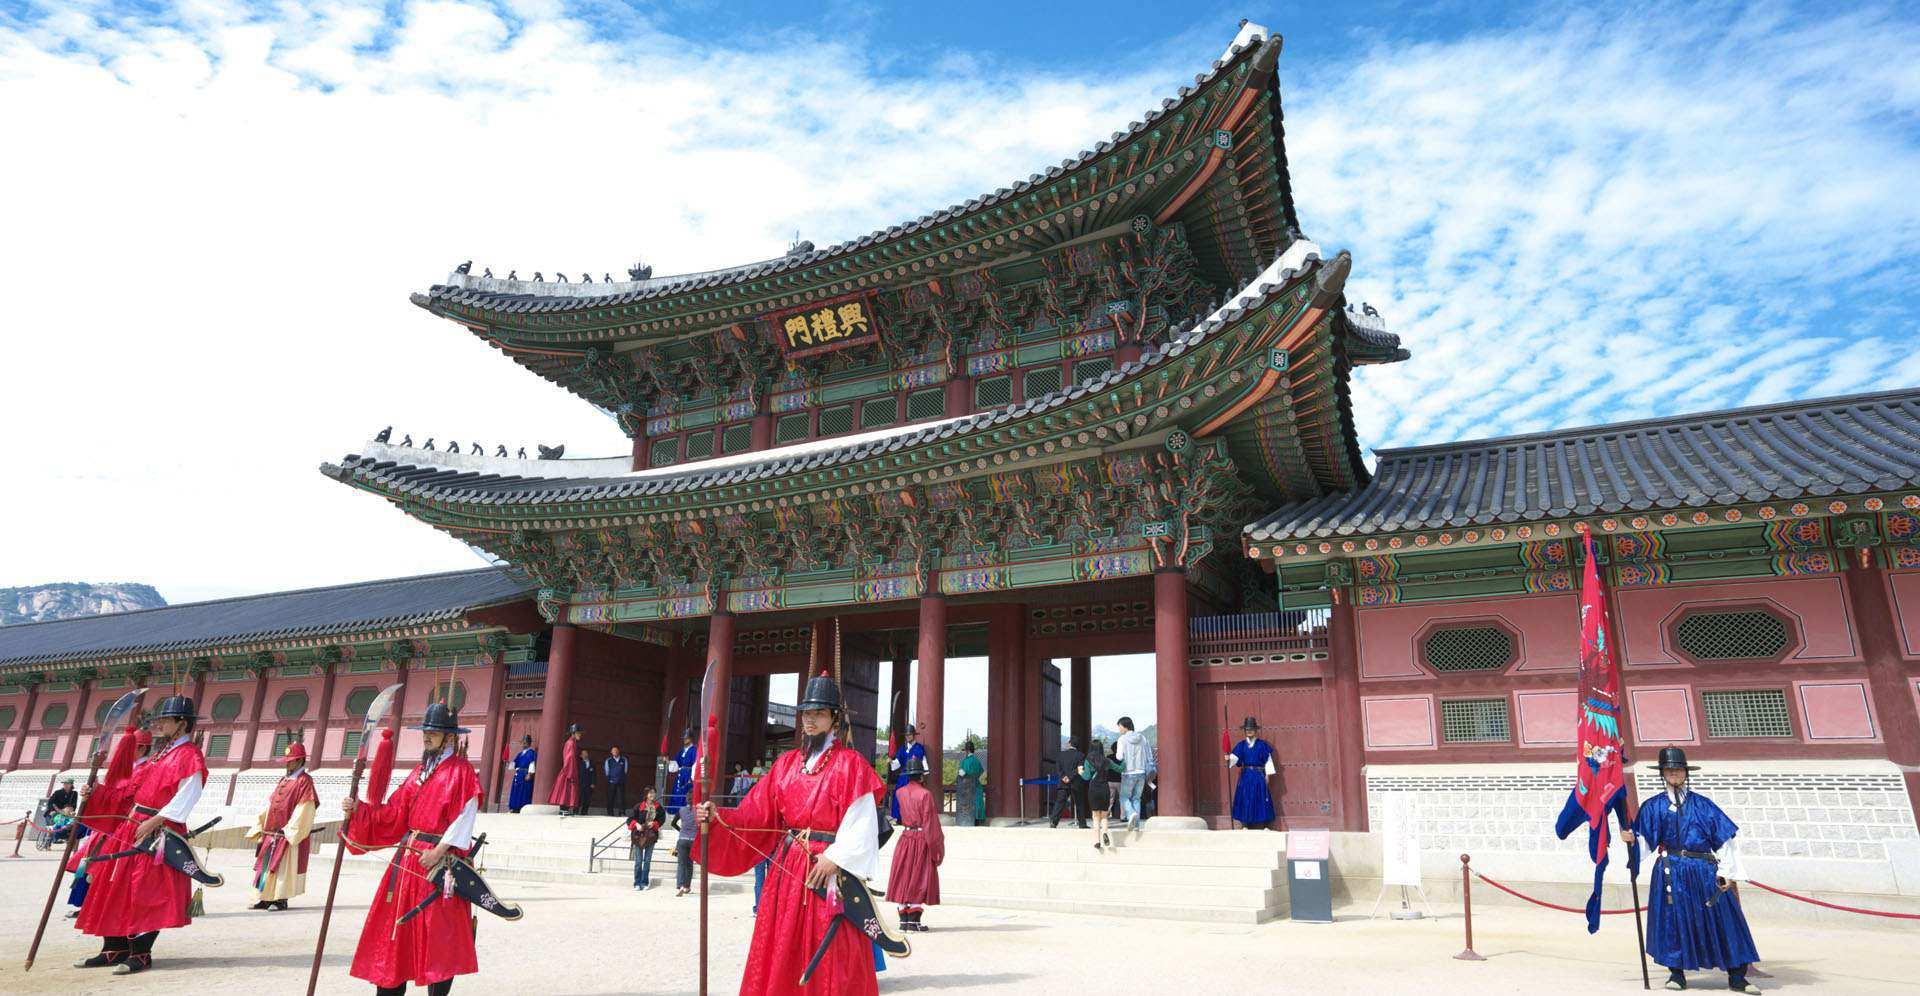 Kinh nghiệm khi đi du lịch Hàn Quốc